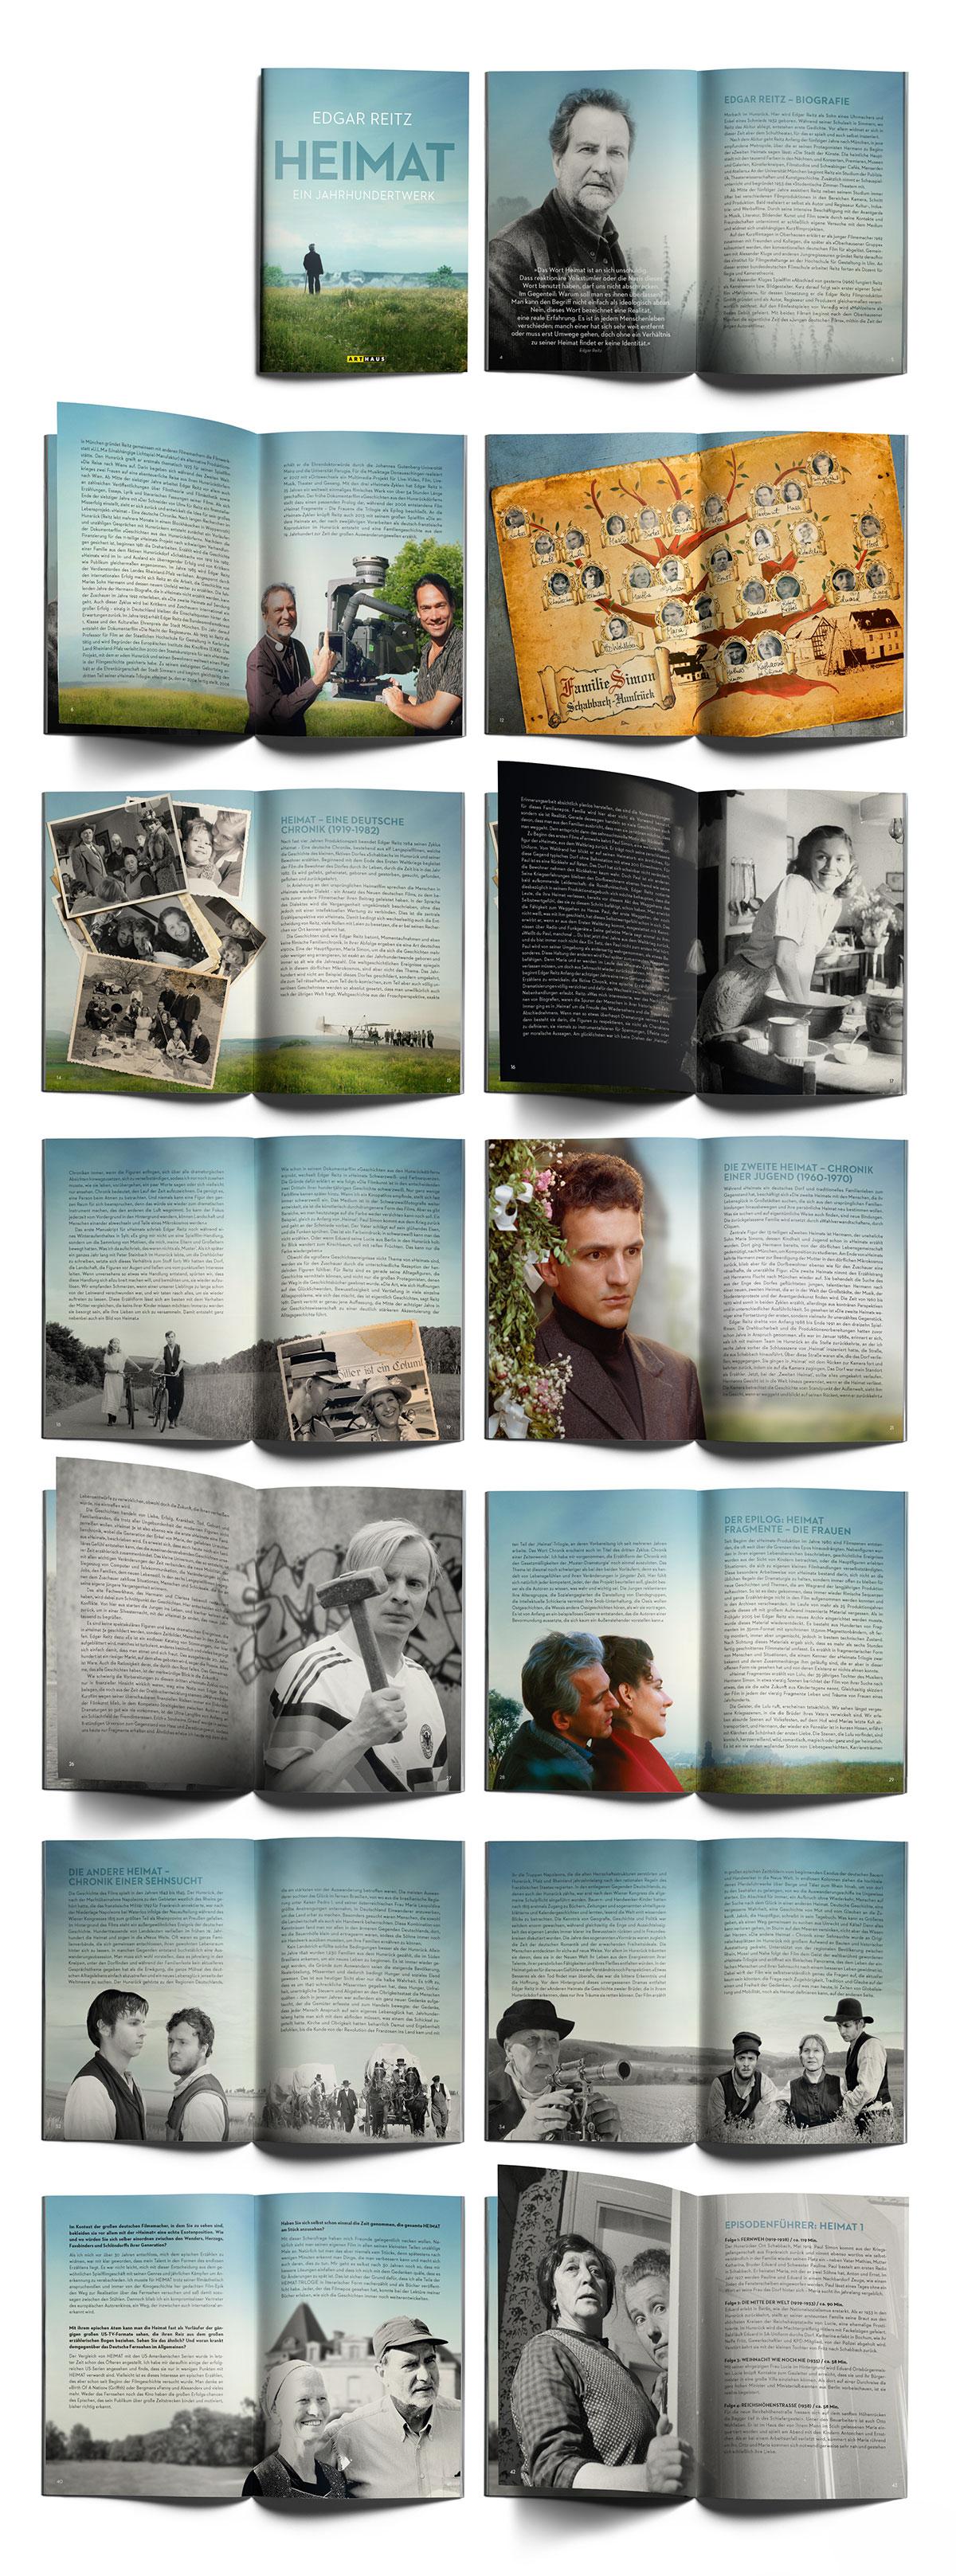 Edgar Reitz Heimat-Edition DVD Booklet Arthaus